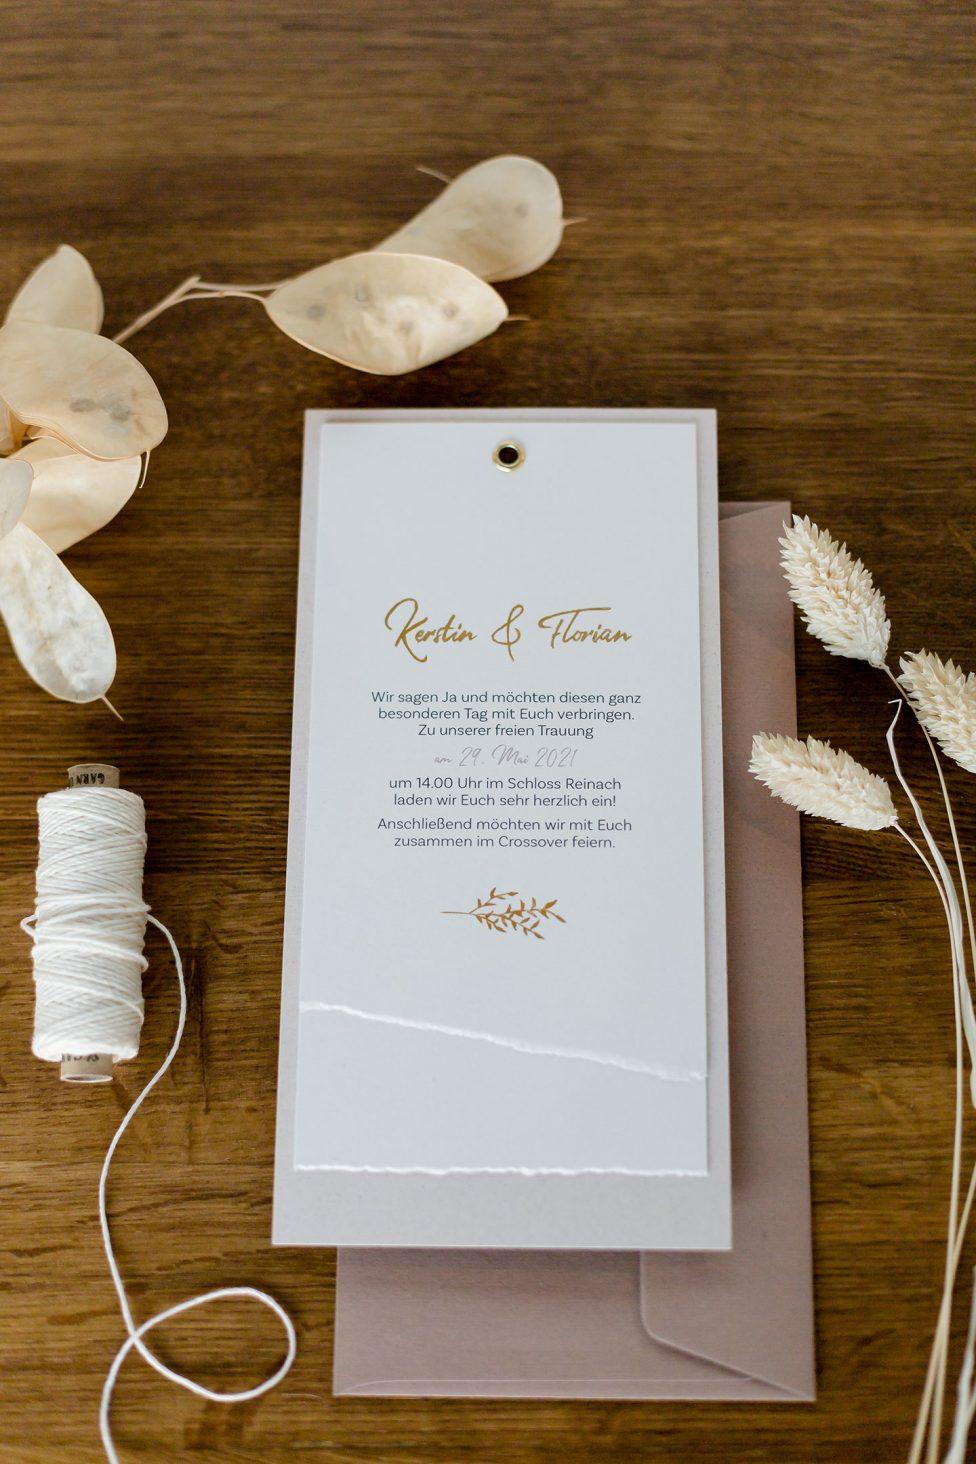 Trockenblumen als Hochzeitsthema und nachhaltiger Trend